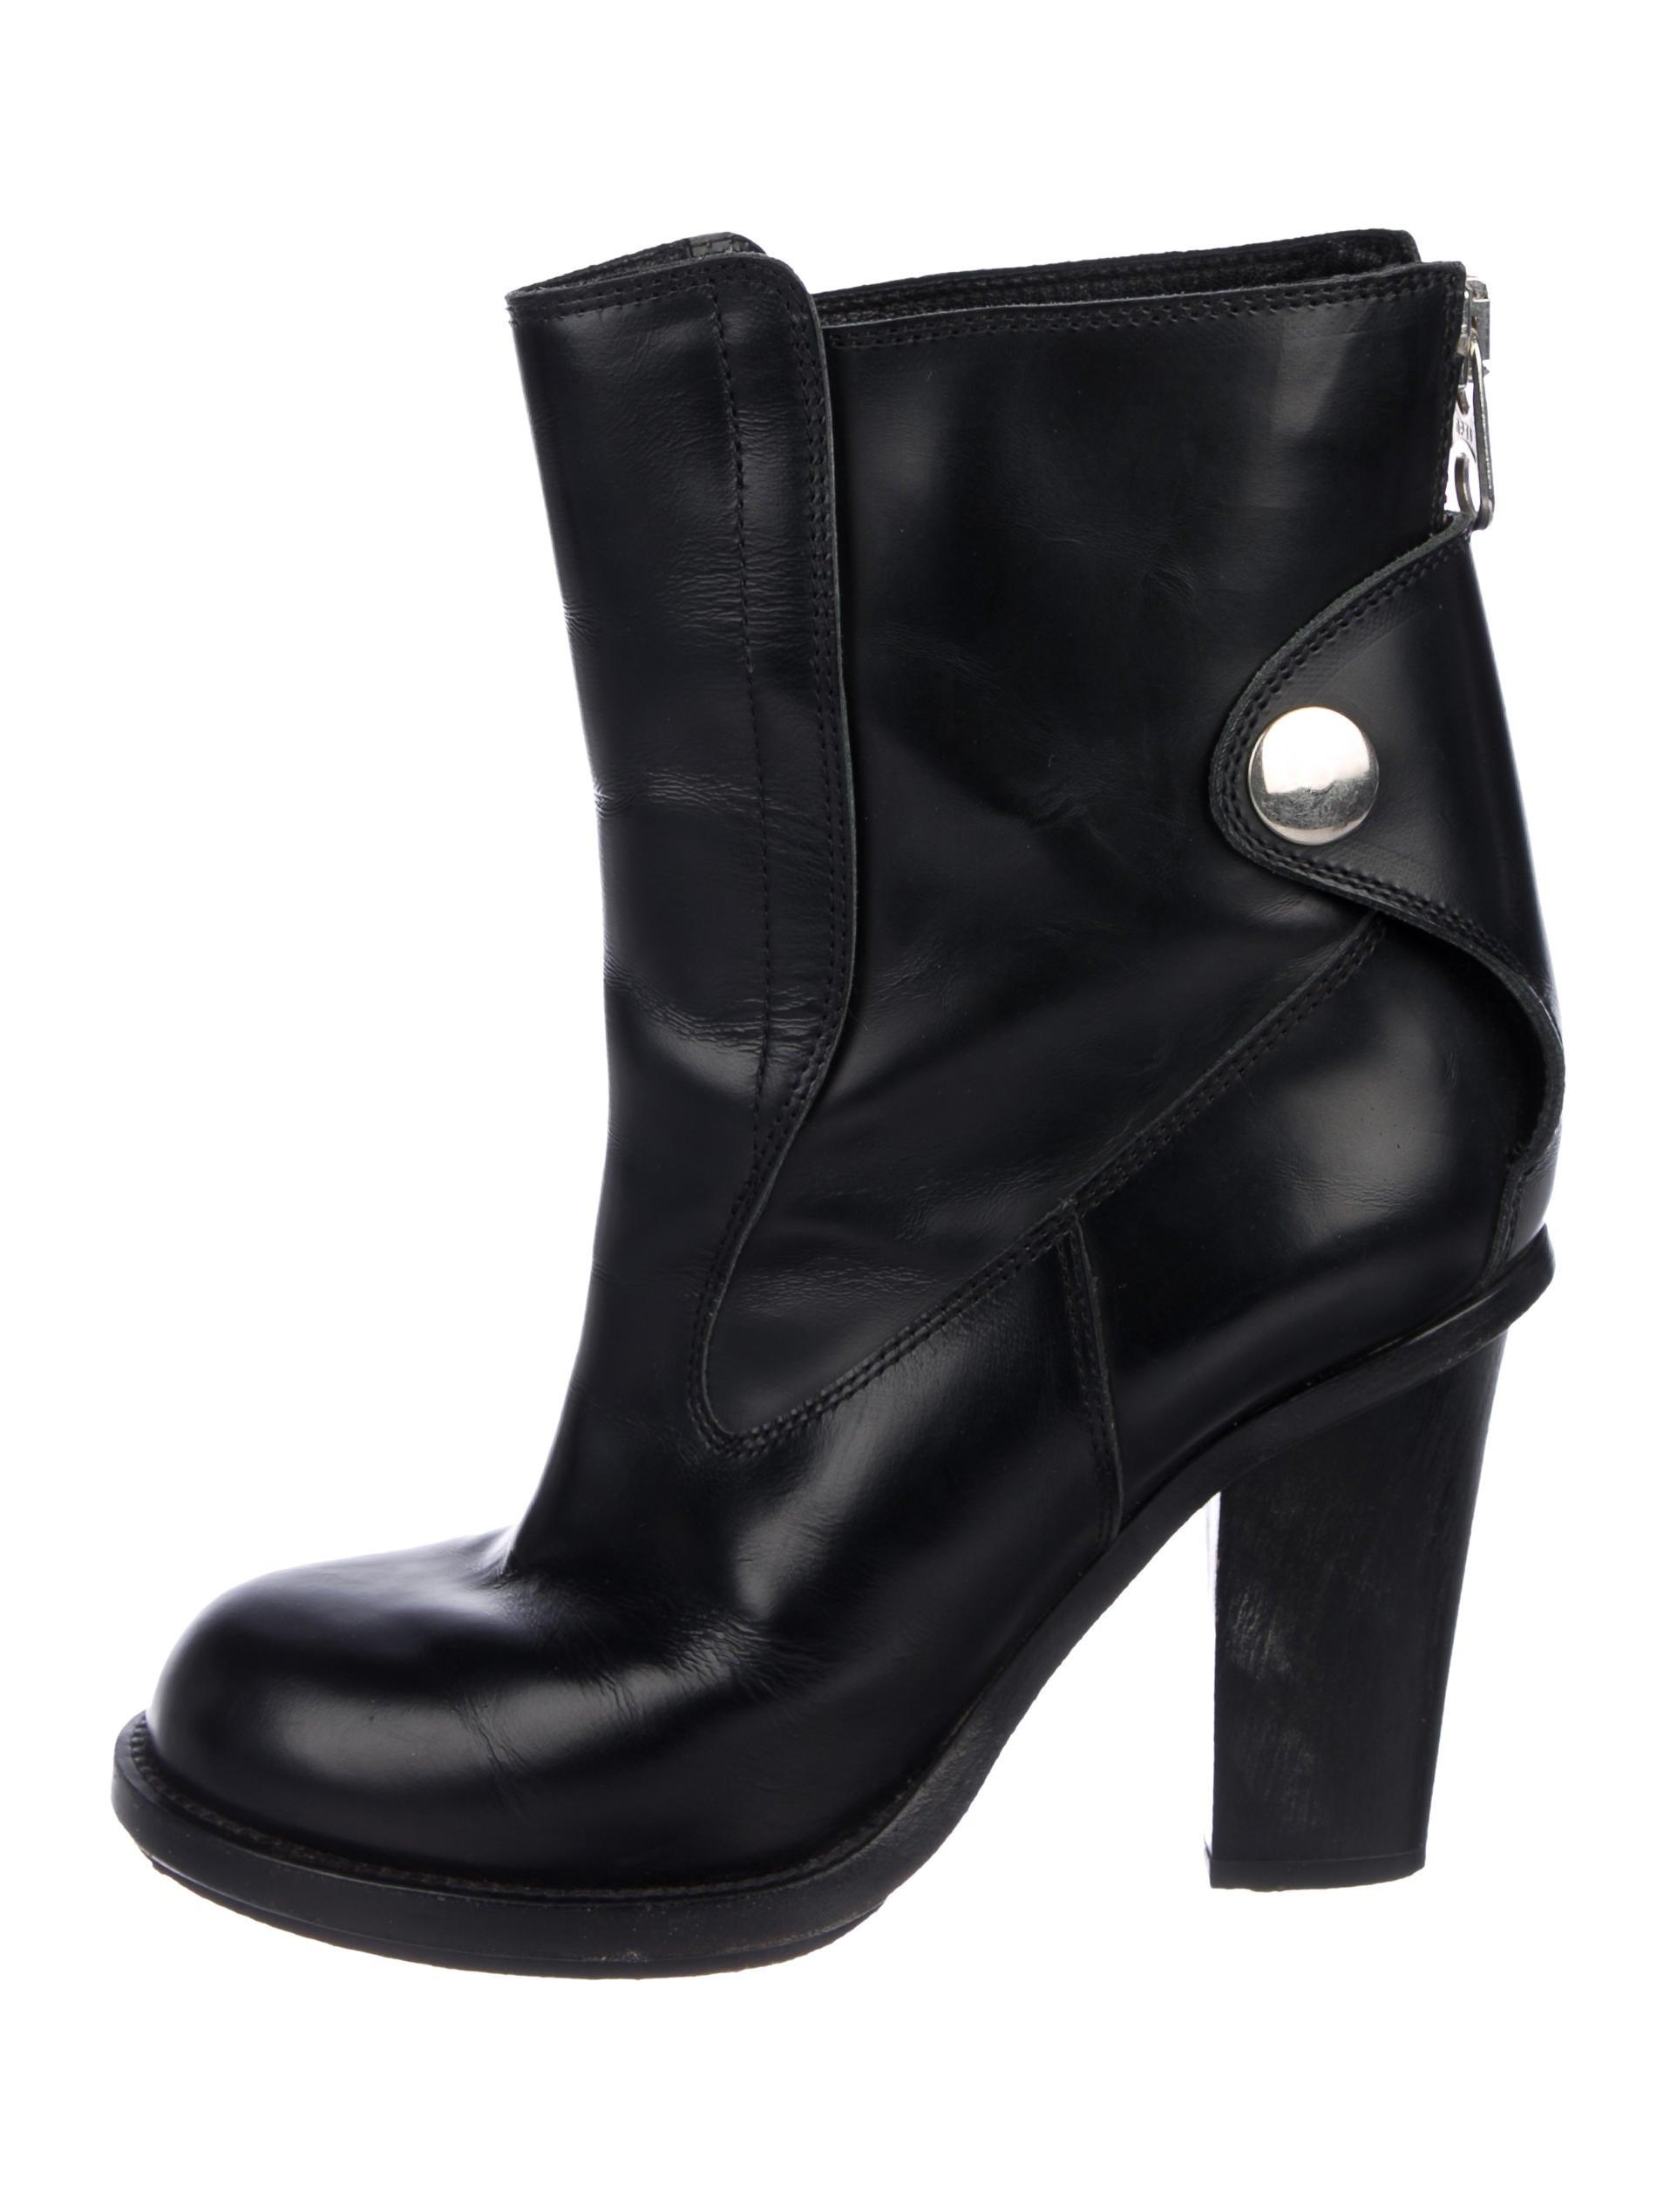 f3c57178e70138 Boots